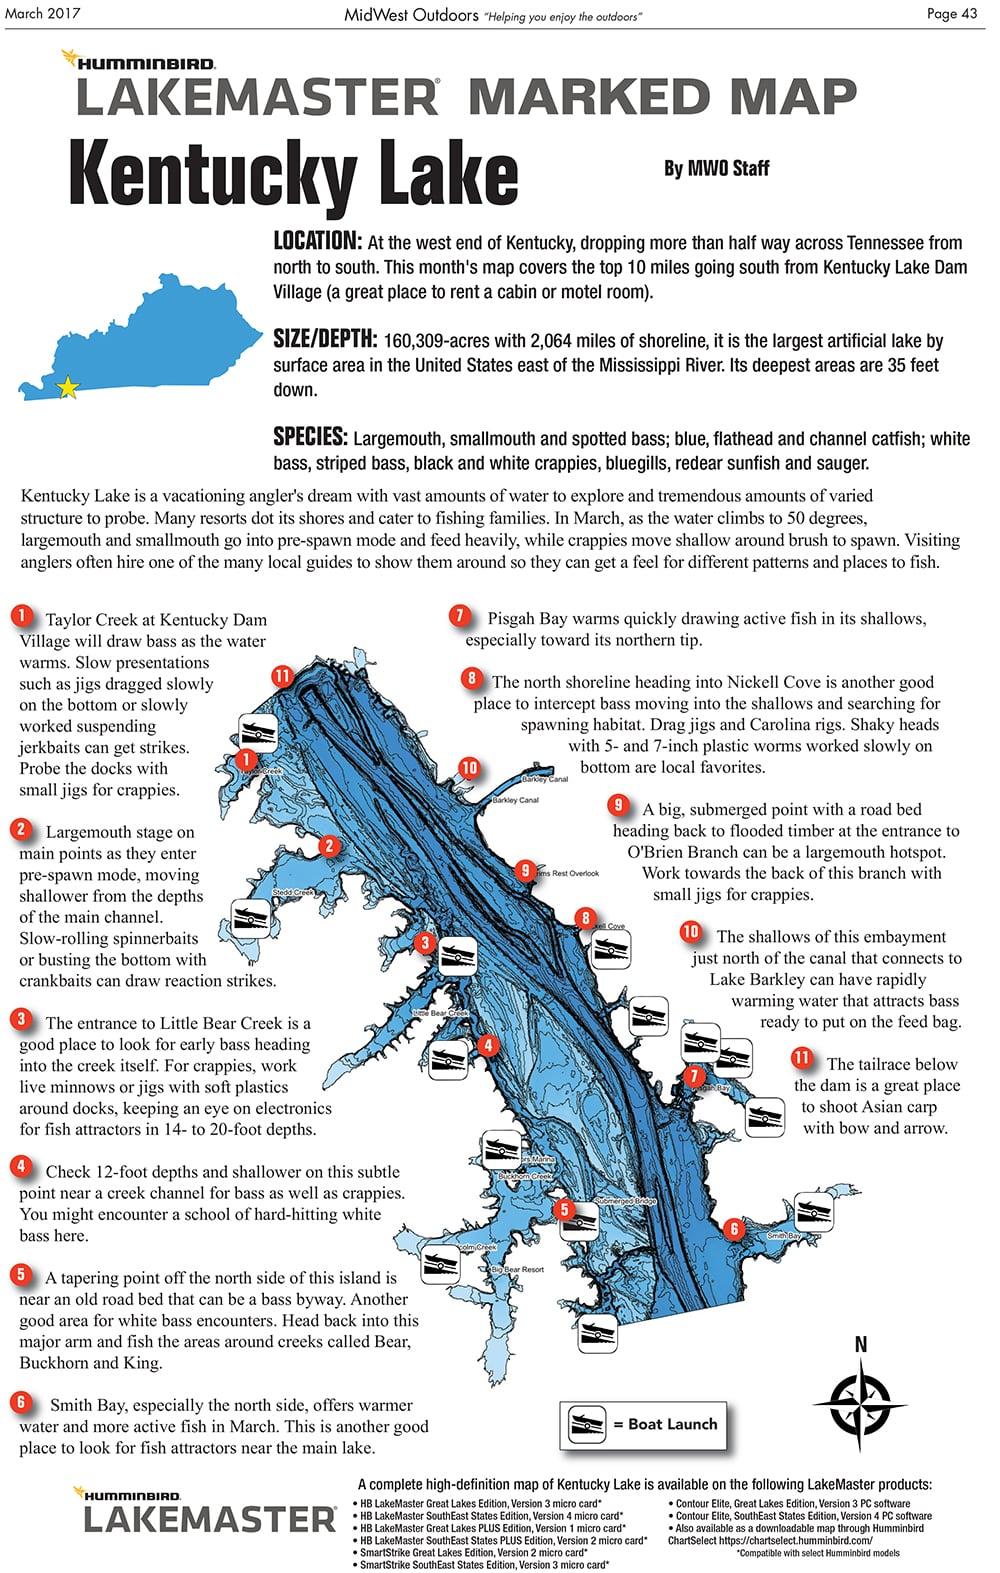 Kentucky Lake Map MidWest Outdoors Marked Fishing Maps - Fishing hotspot maps